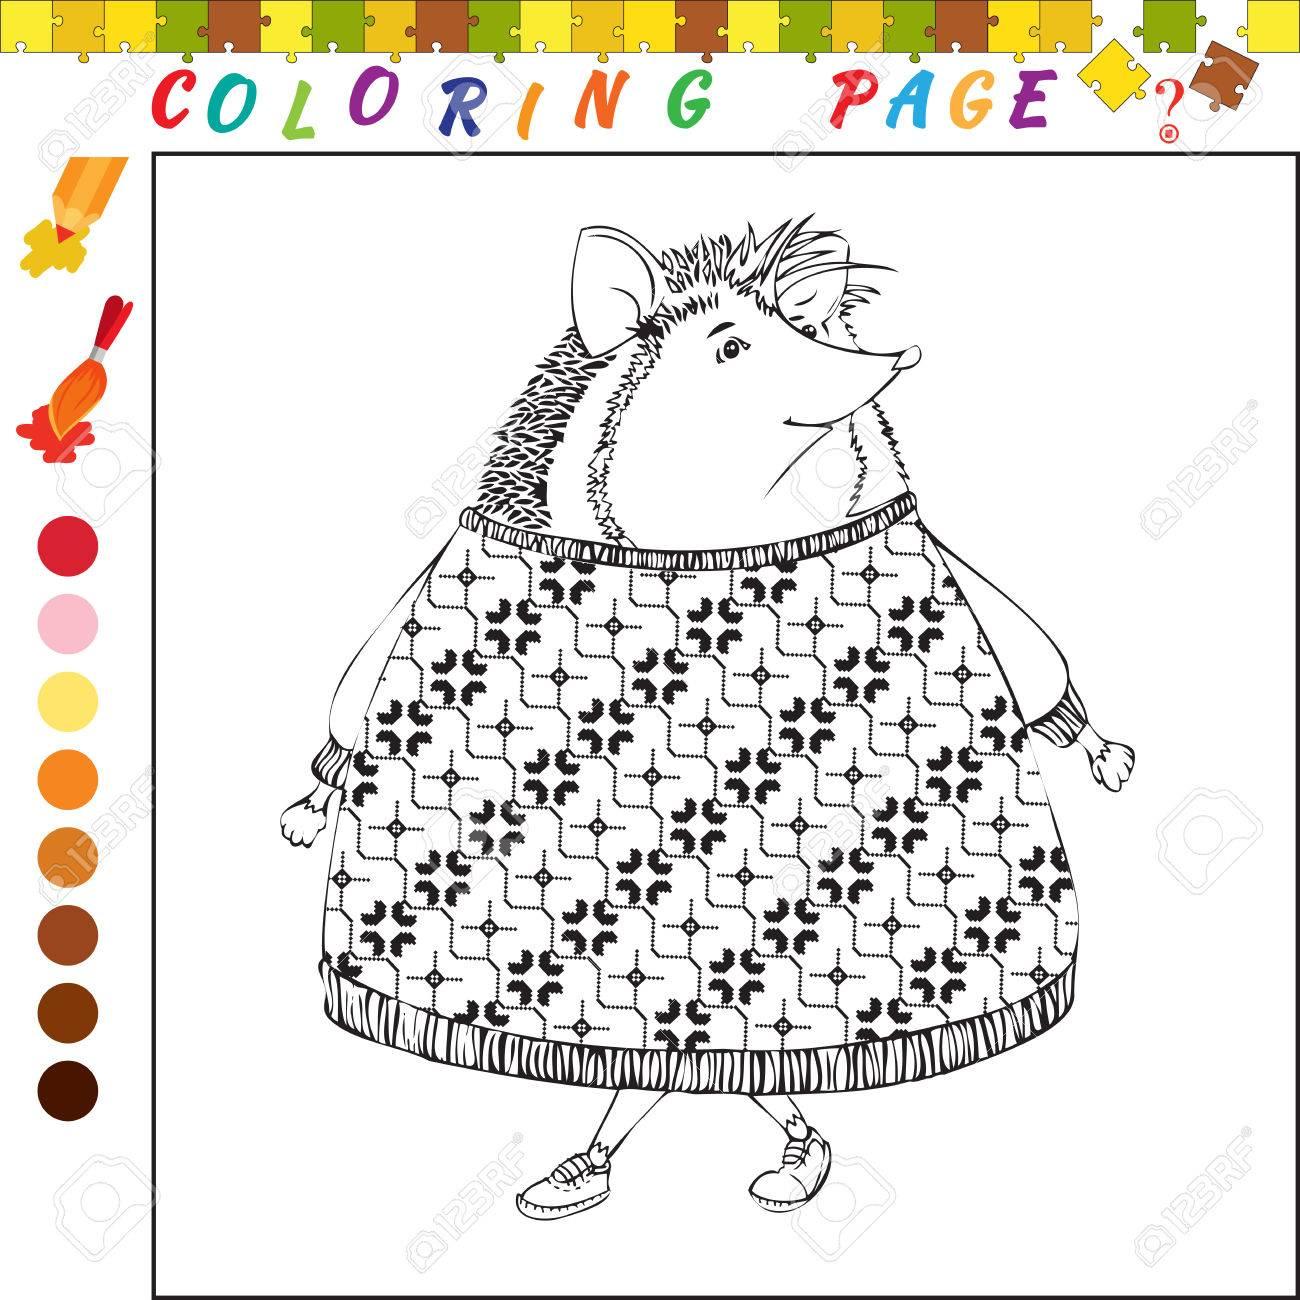 Livre  colorier avec hérisson Illustration de contour en noir et blanc pour la coloration